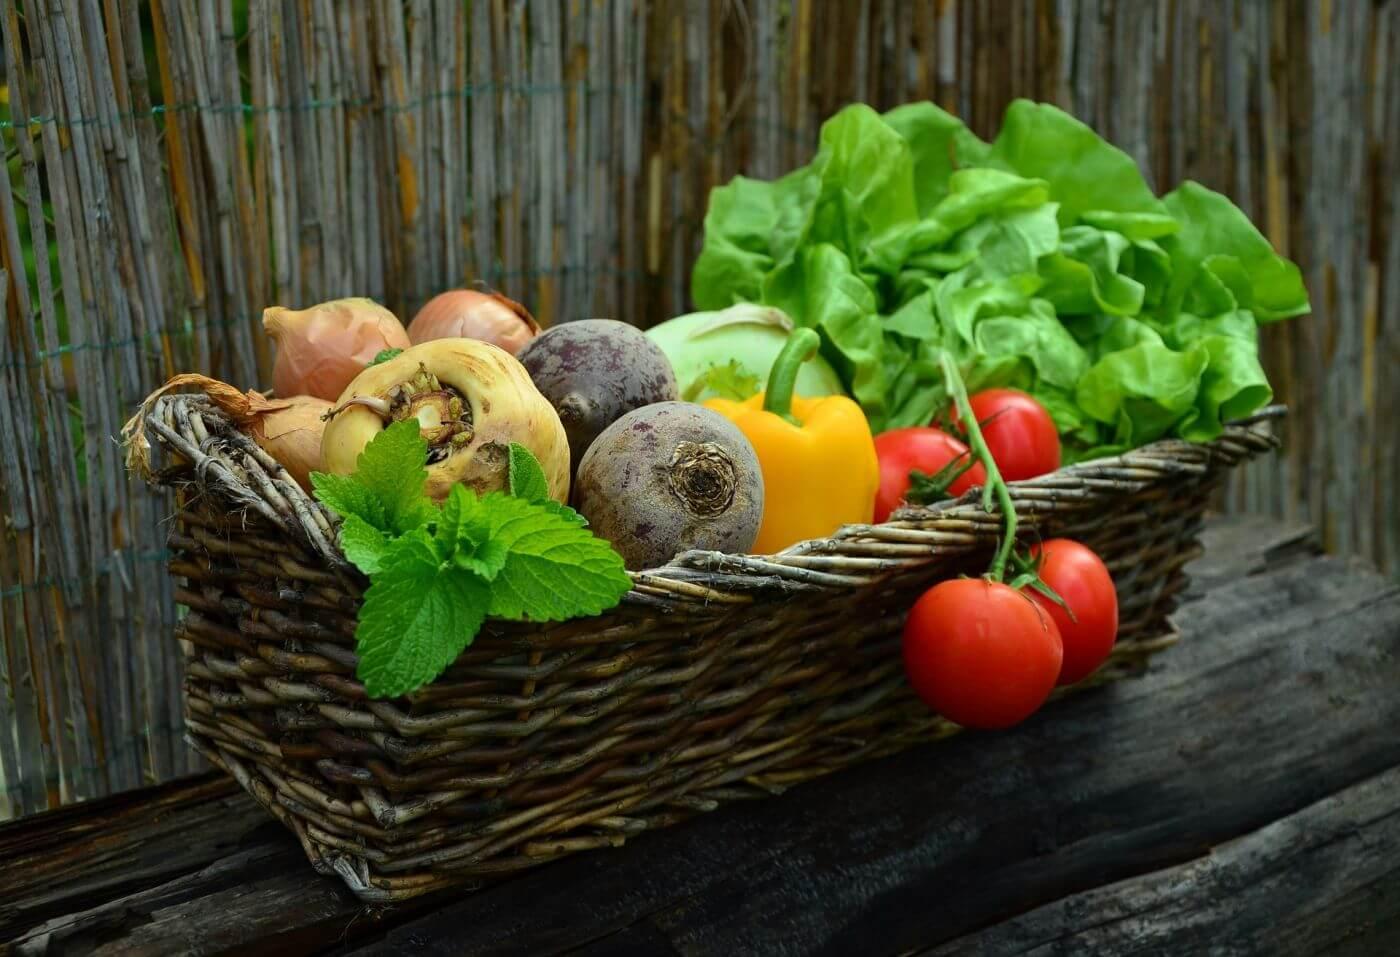 Geflochtener Weidekorb mit frisch gepflücktem Gemüse und Salat